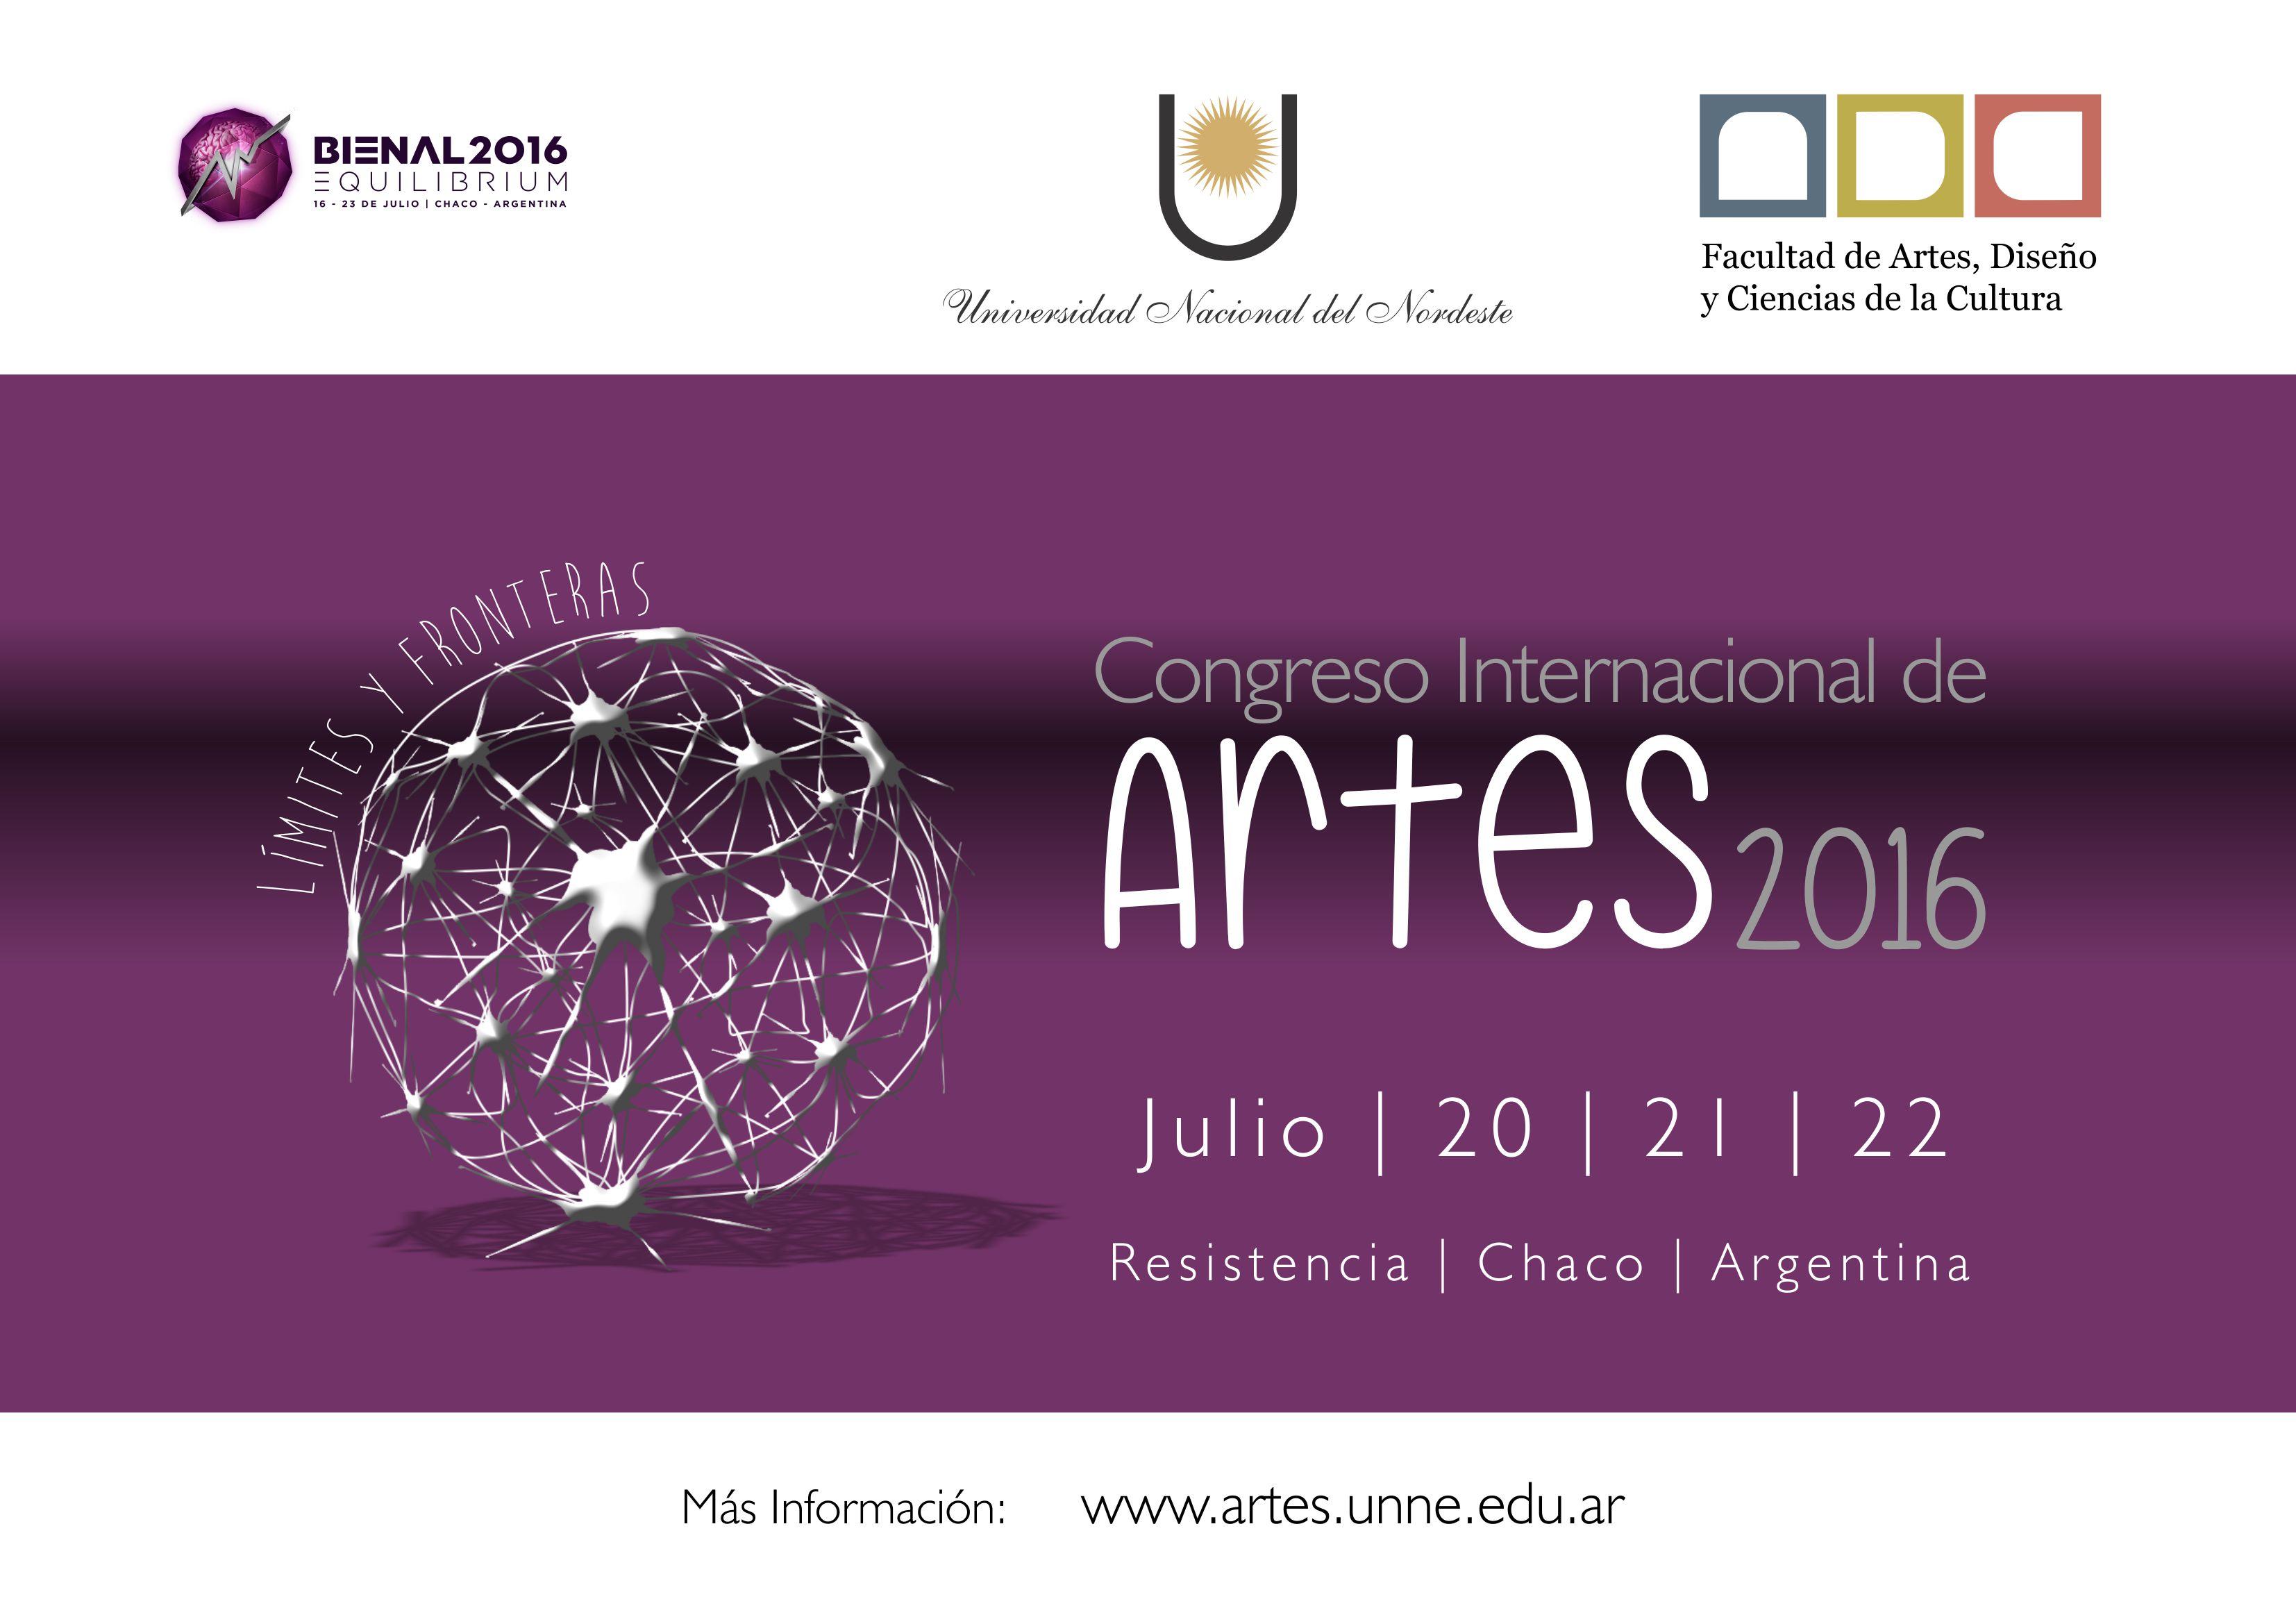 CHACO congreso_artes_2016_2